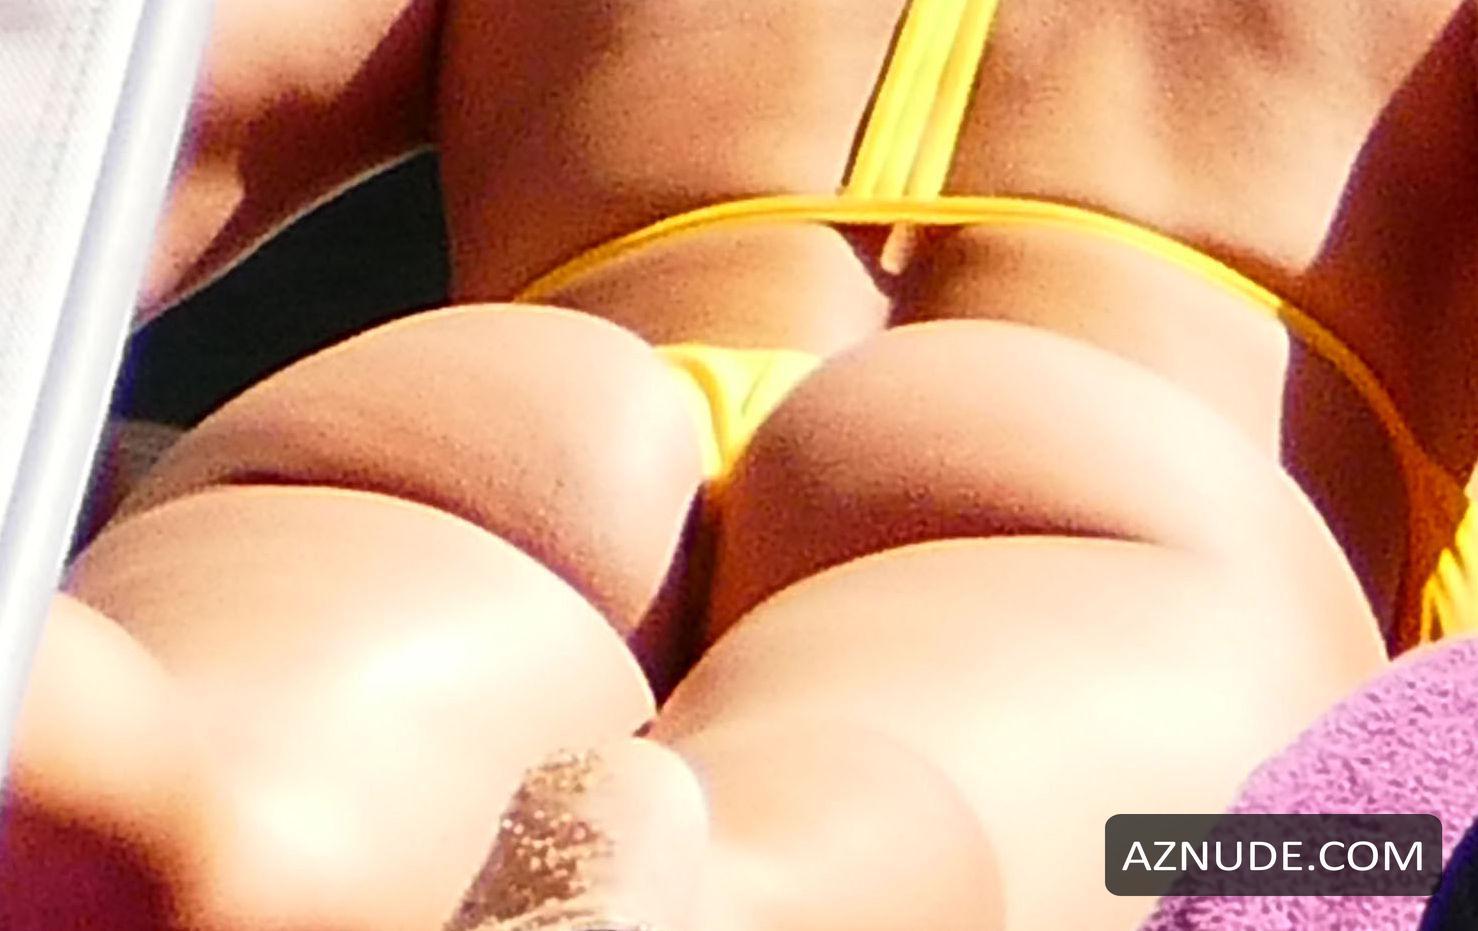 Bikini Isabeli Fontana Nude Photoshoot Scenes